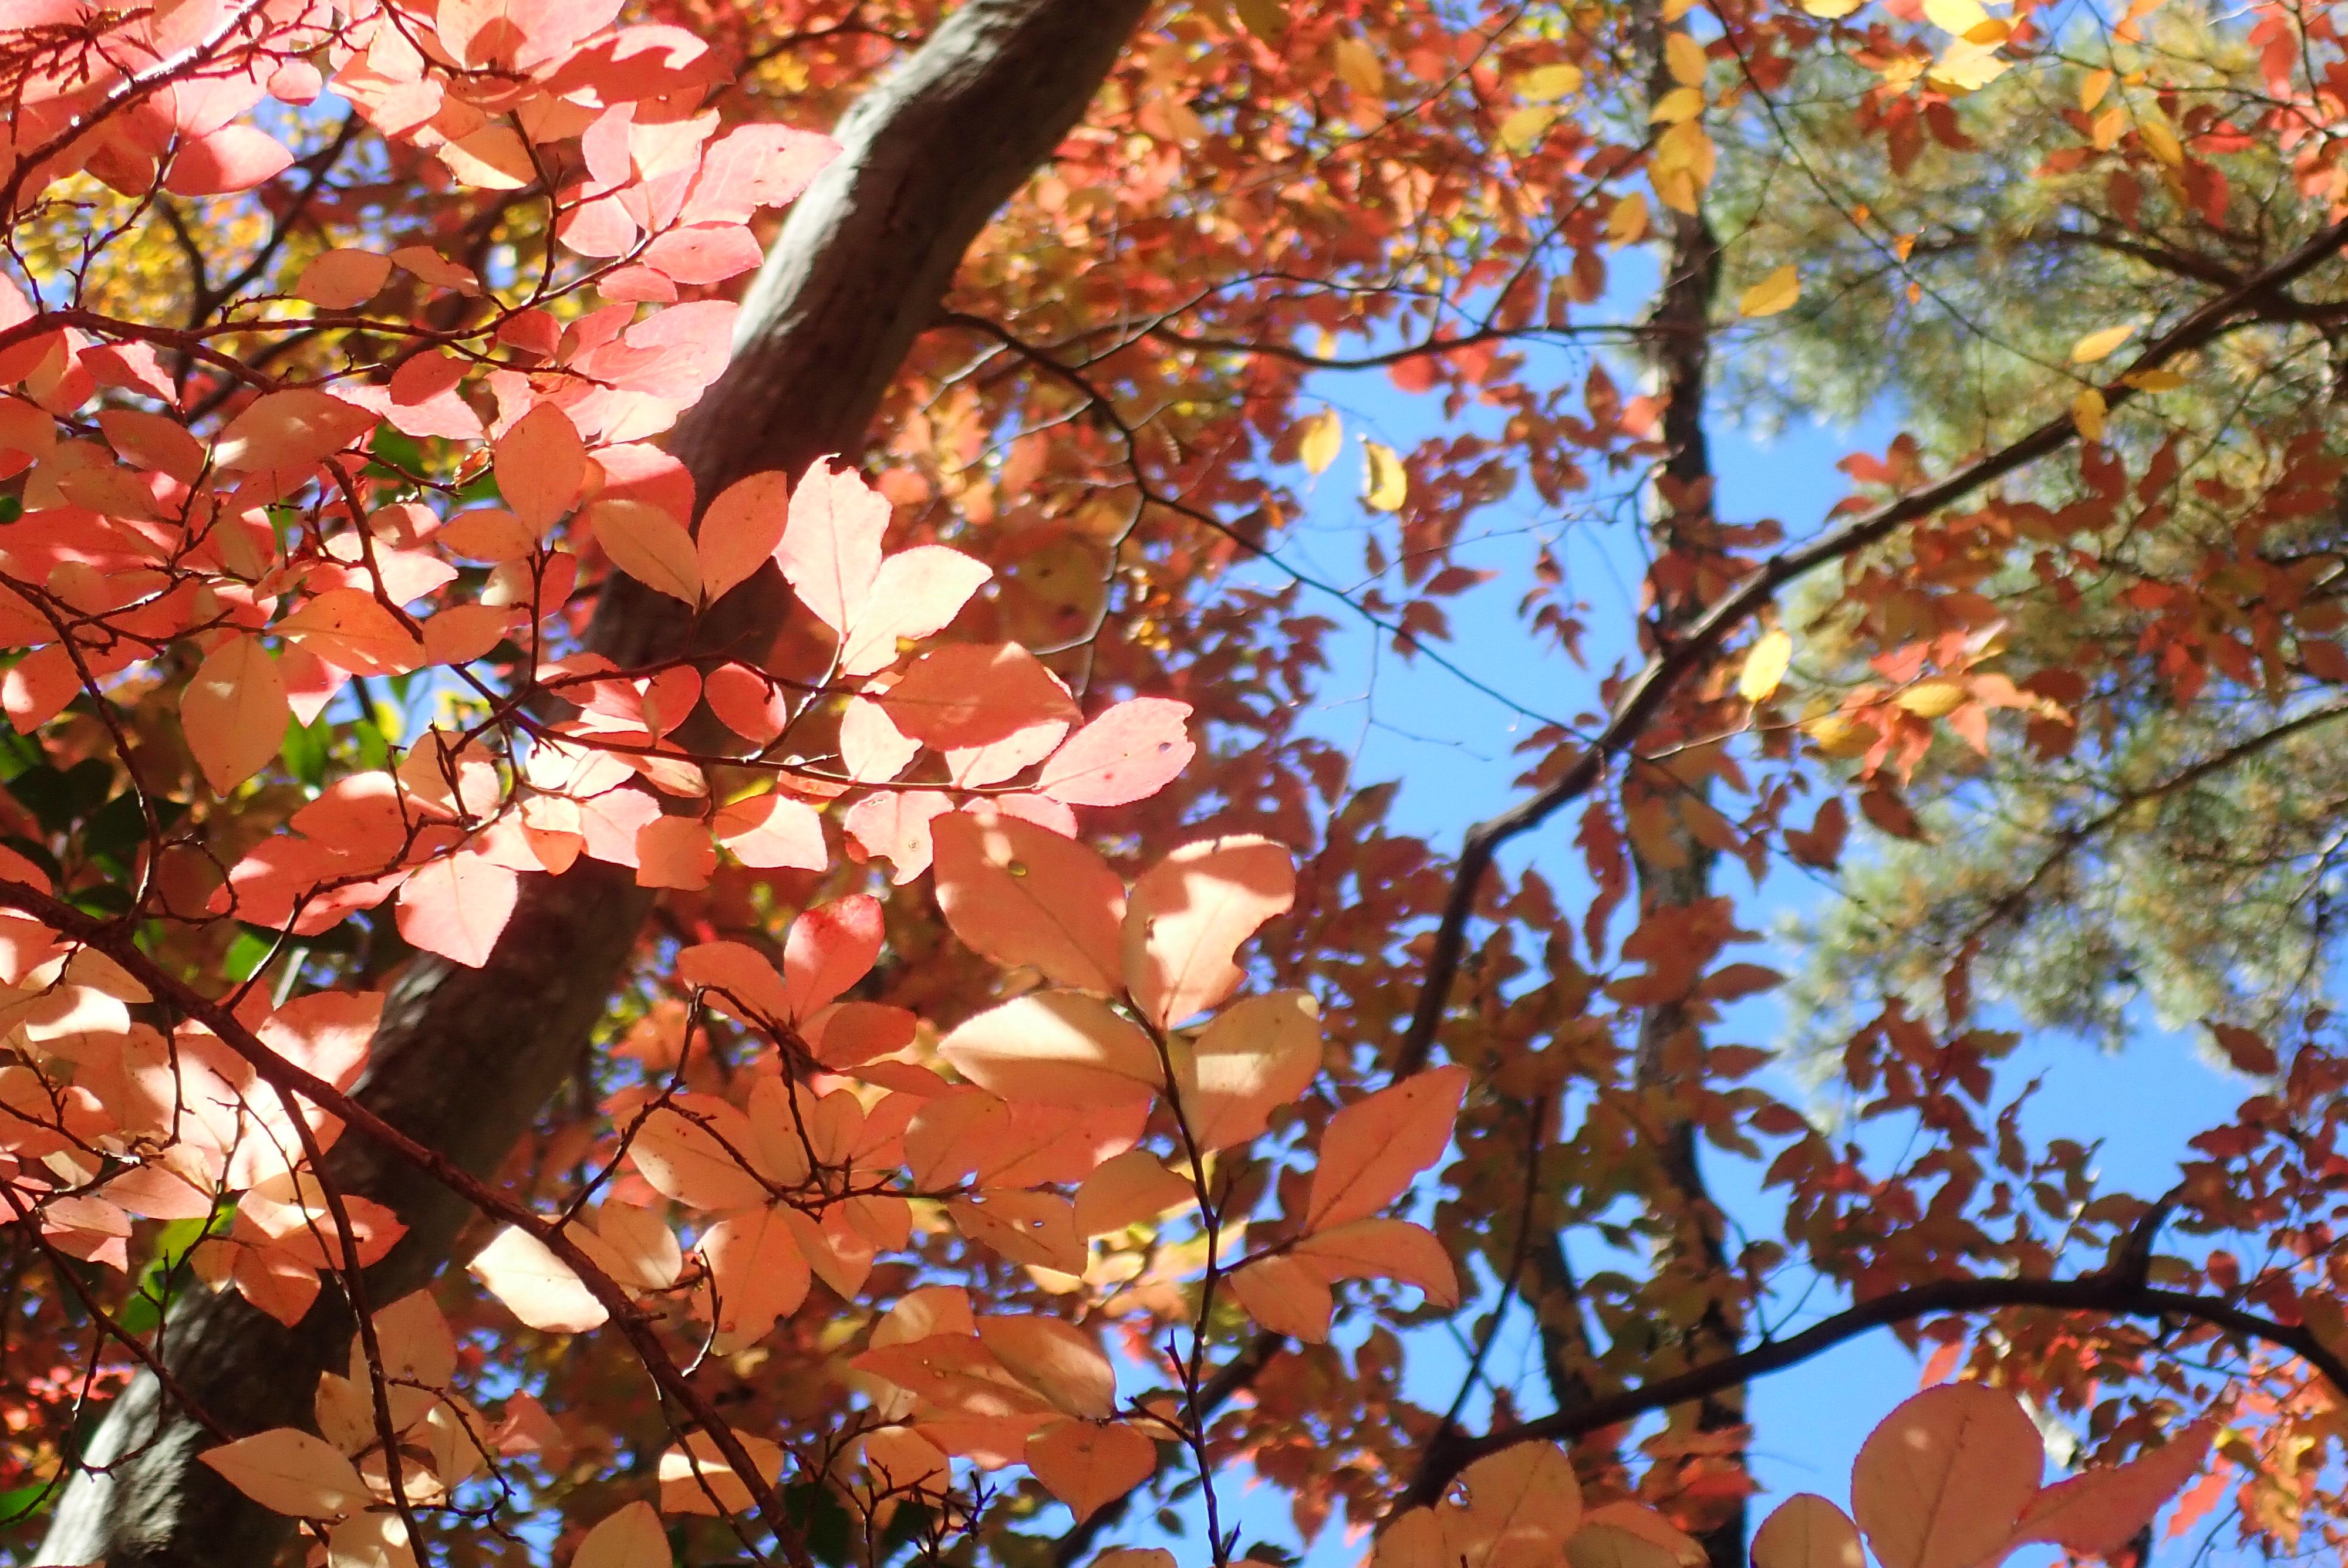 2020/11/14雲母峰『鈴鹿の紅葉を楽しもう』